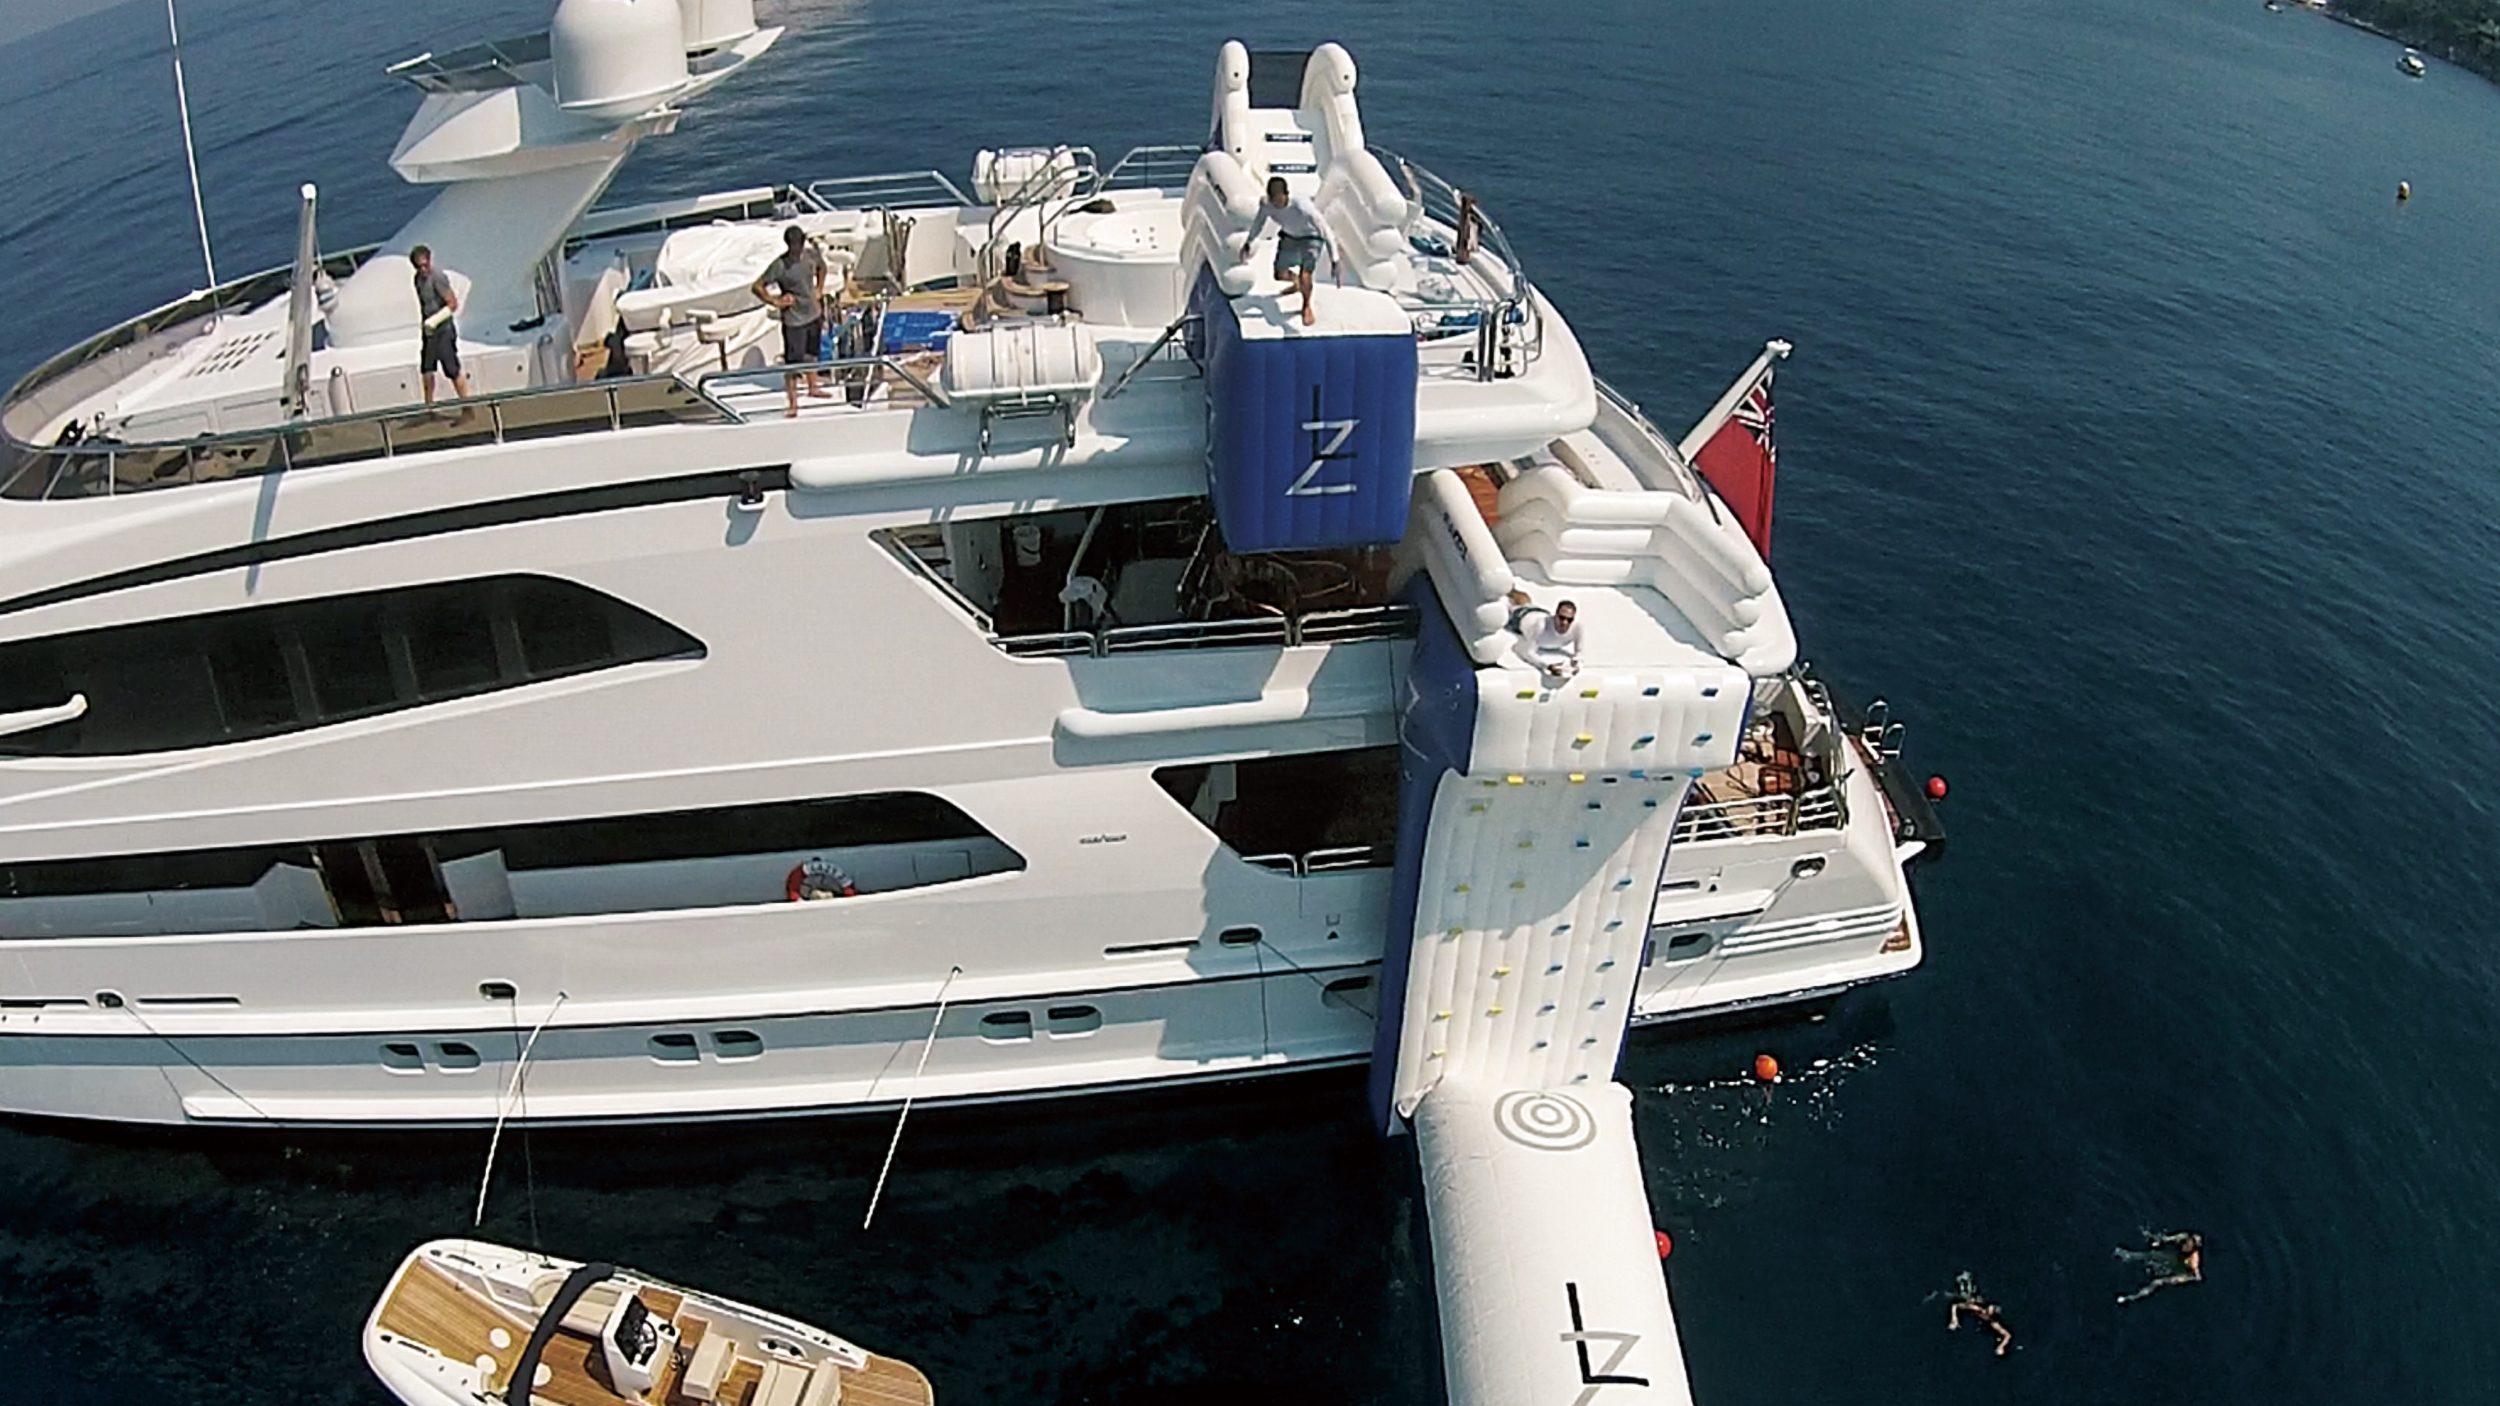 Leap of Faith superyacht jump platform